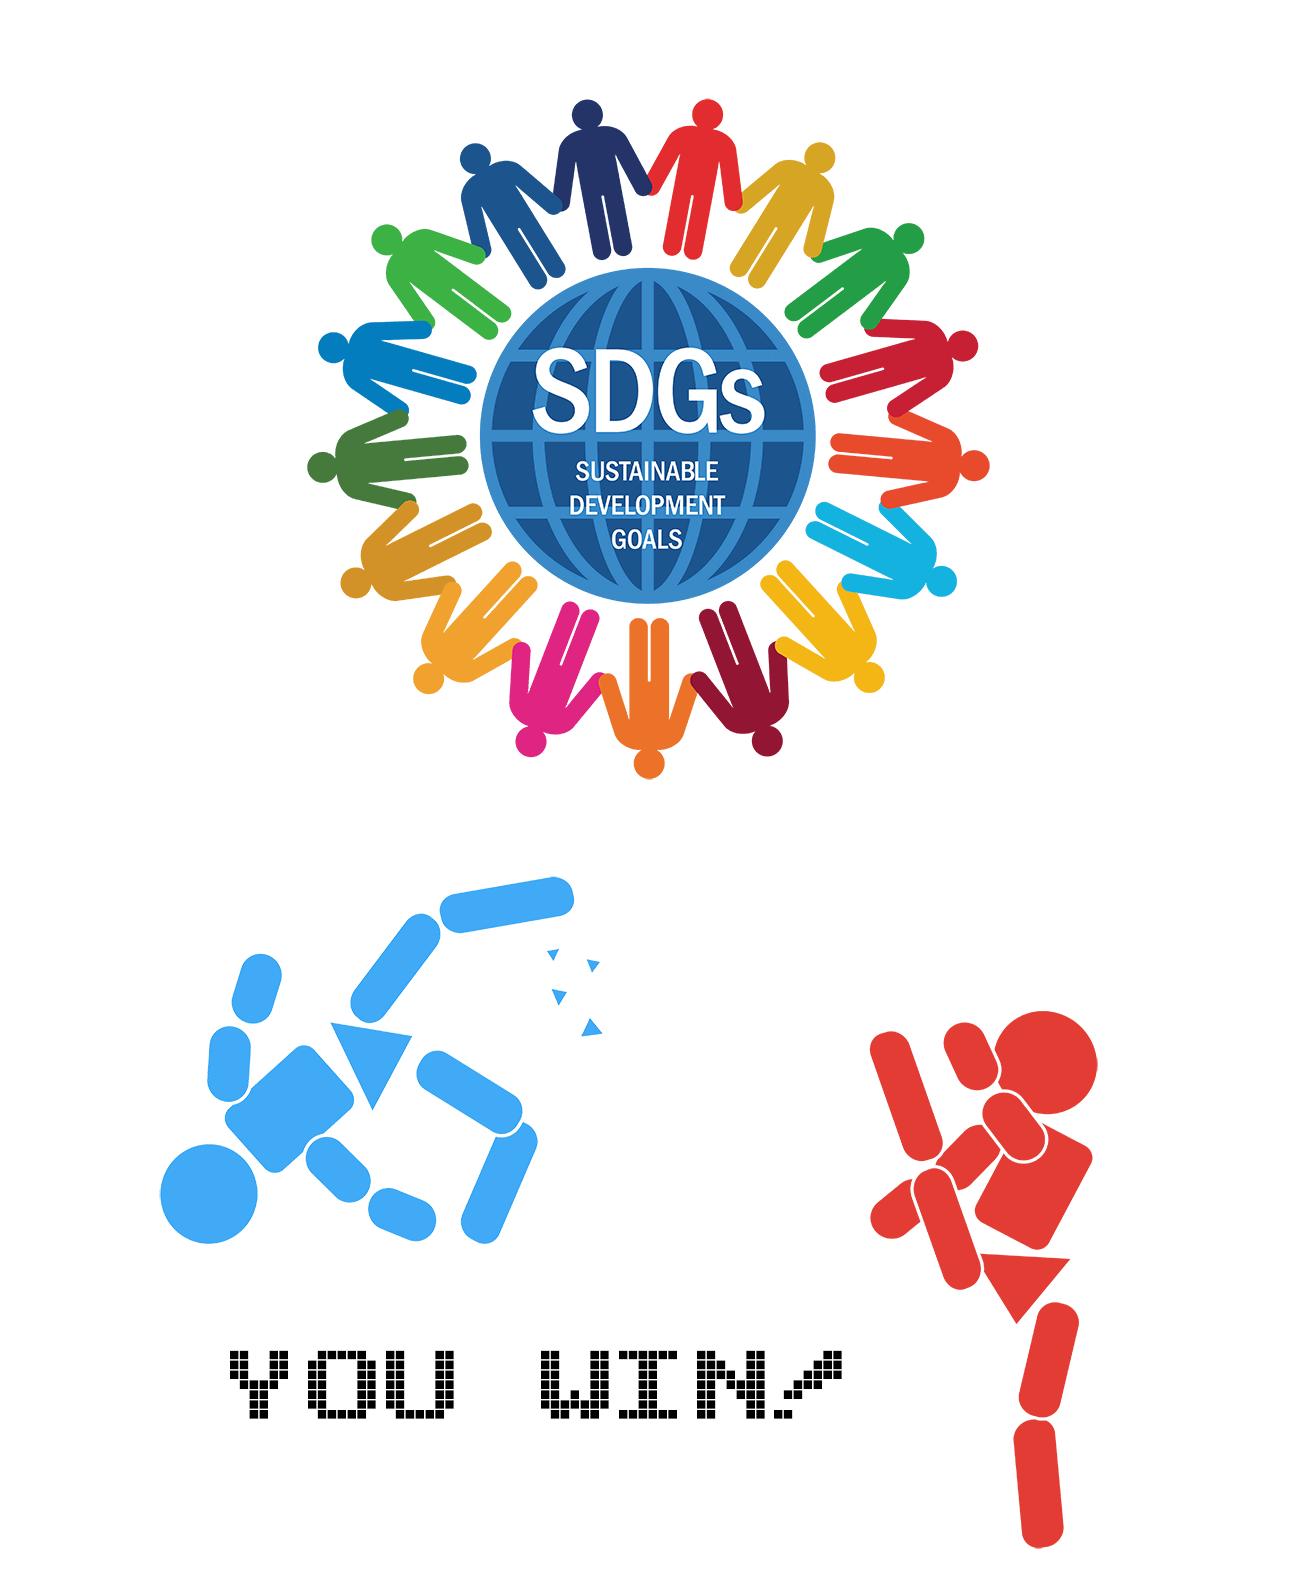 Do you know SDGs?